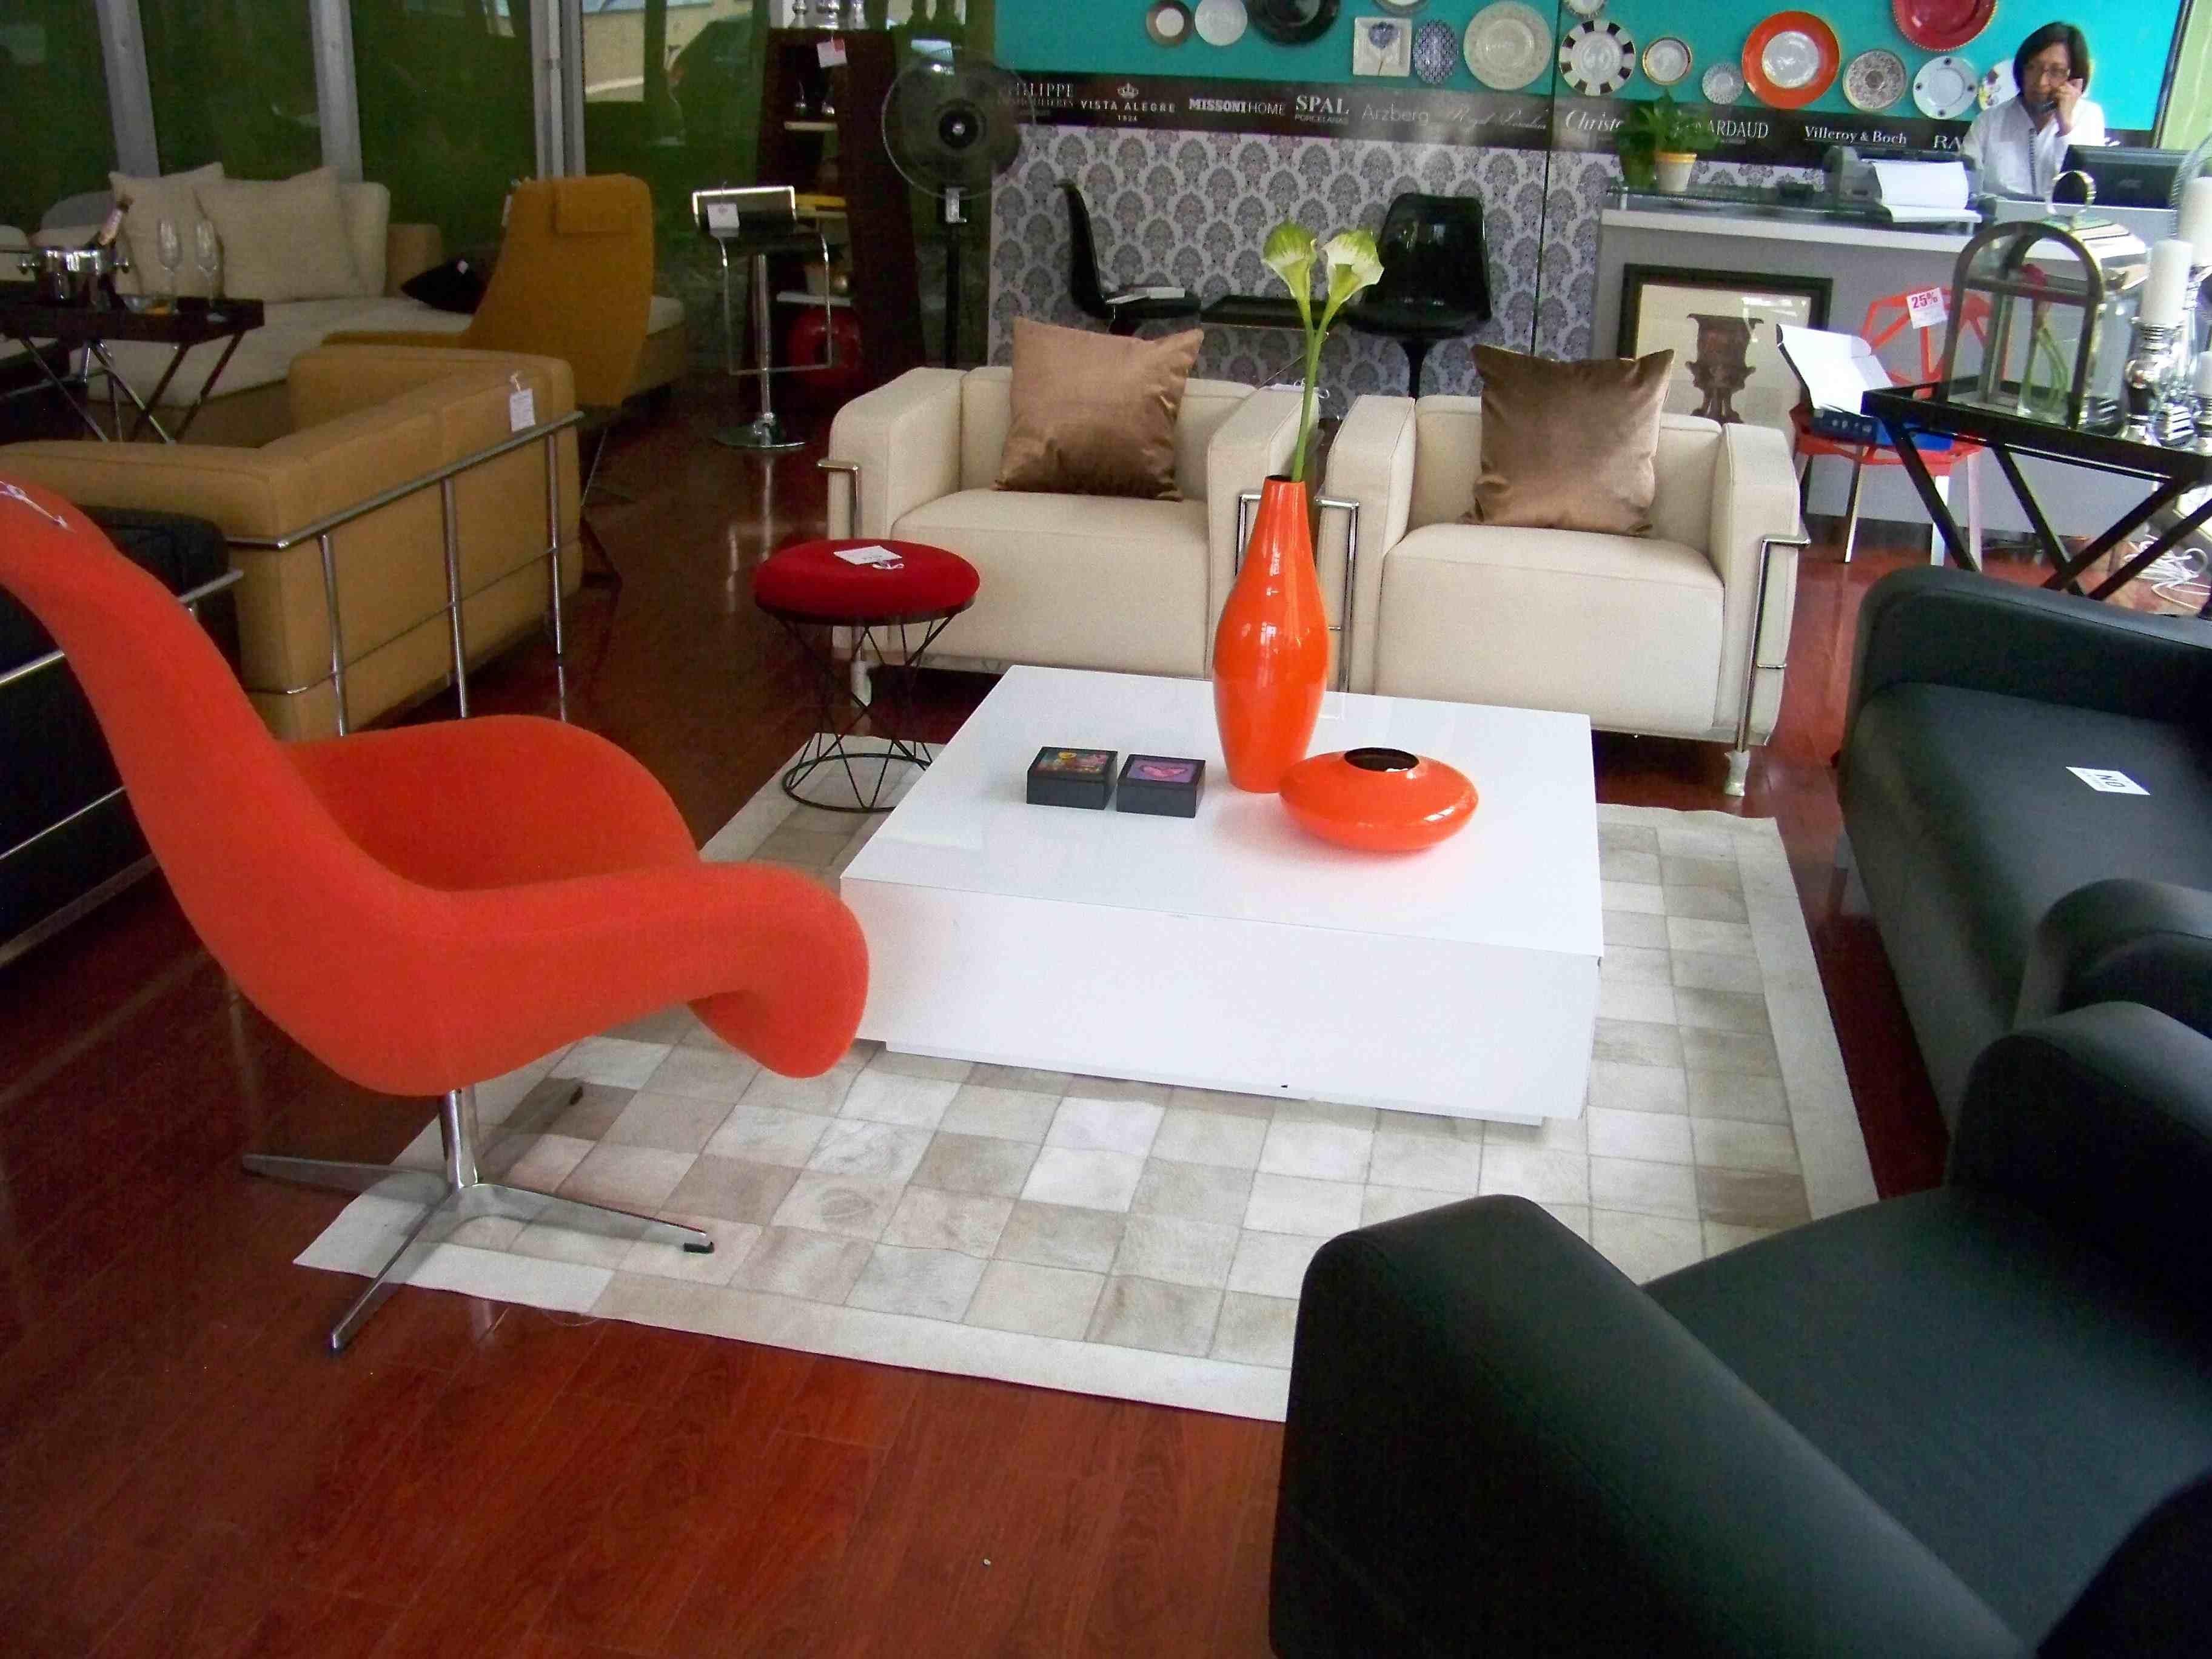 Muebles hatillo obtenga ideas dise o de muebles para su for Muebles la favorita